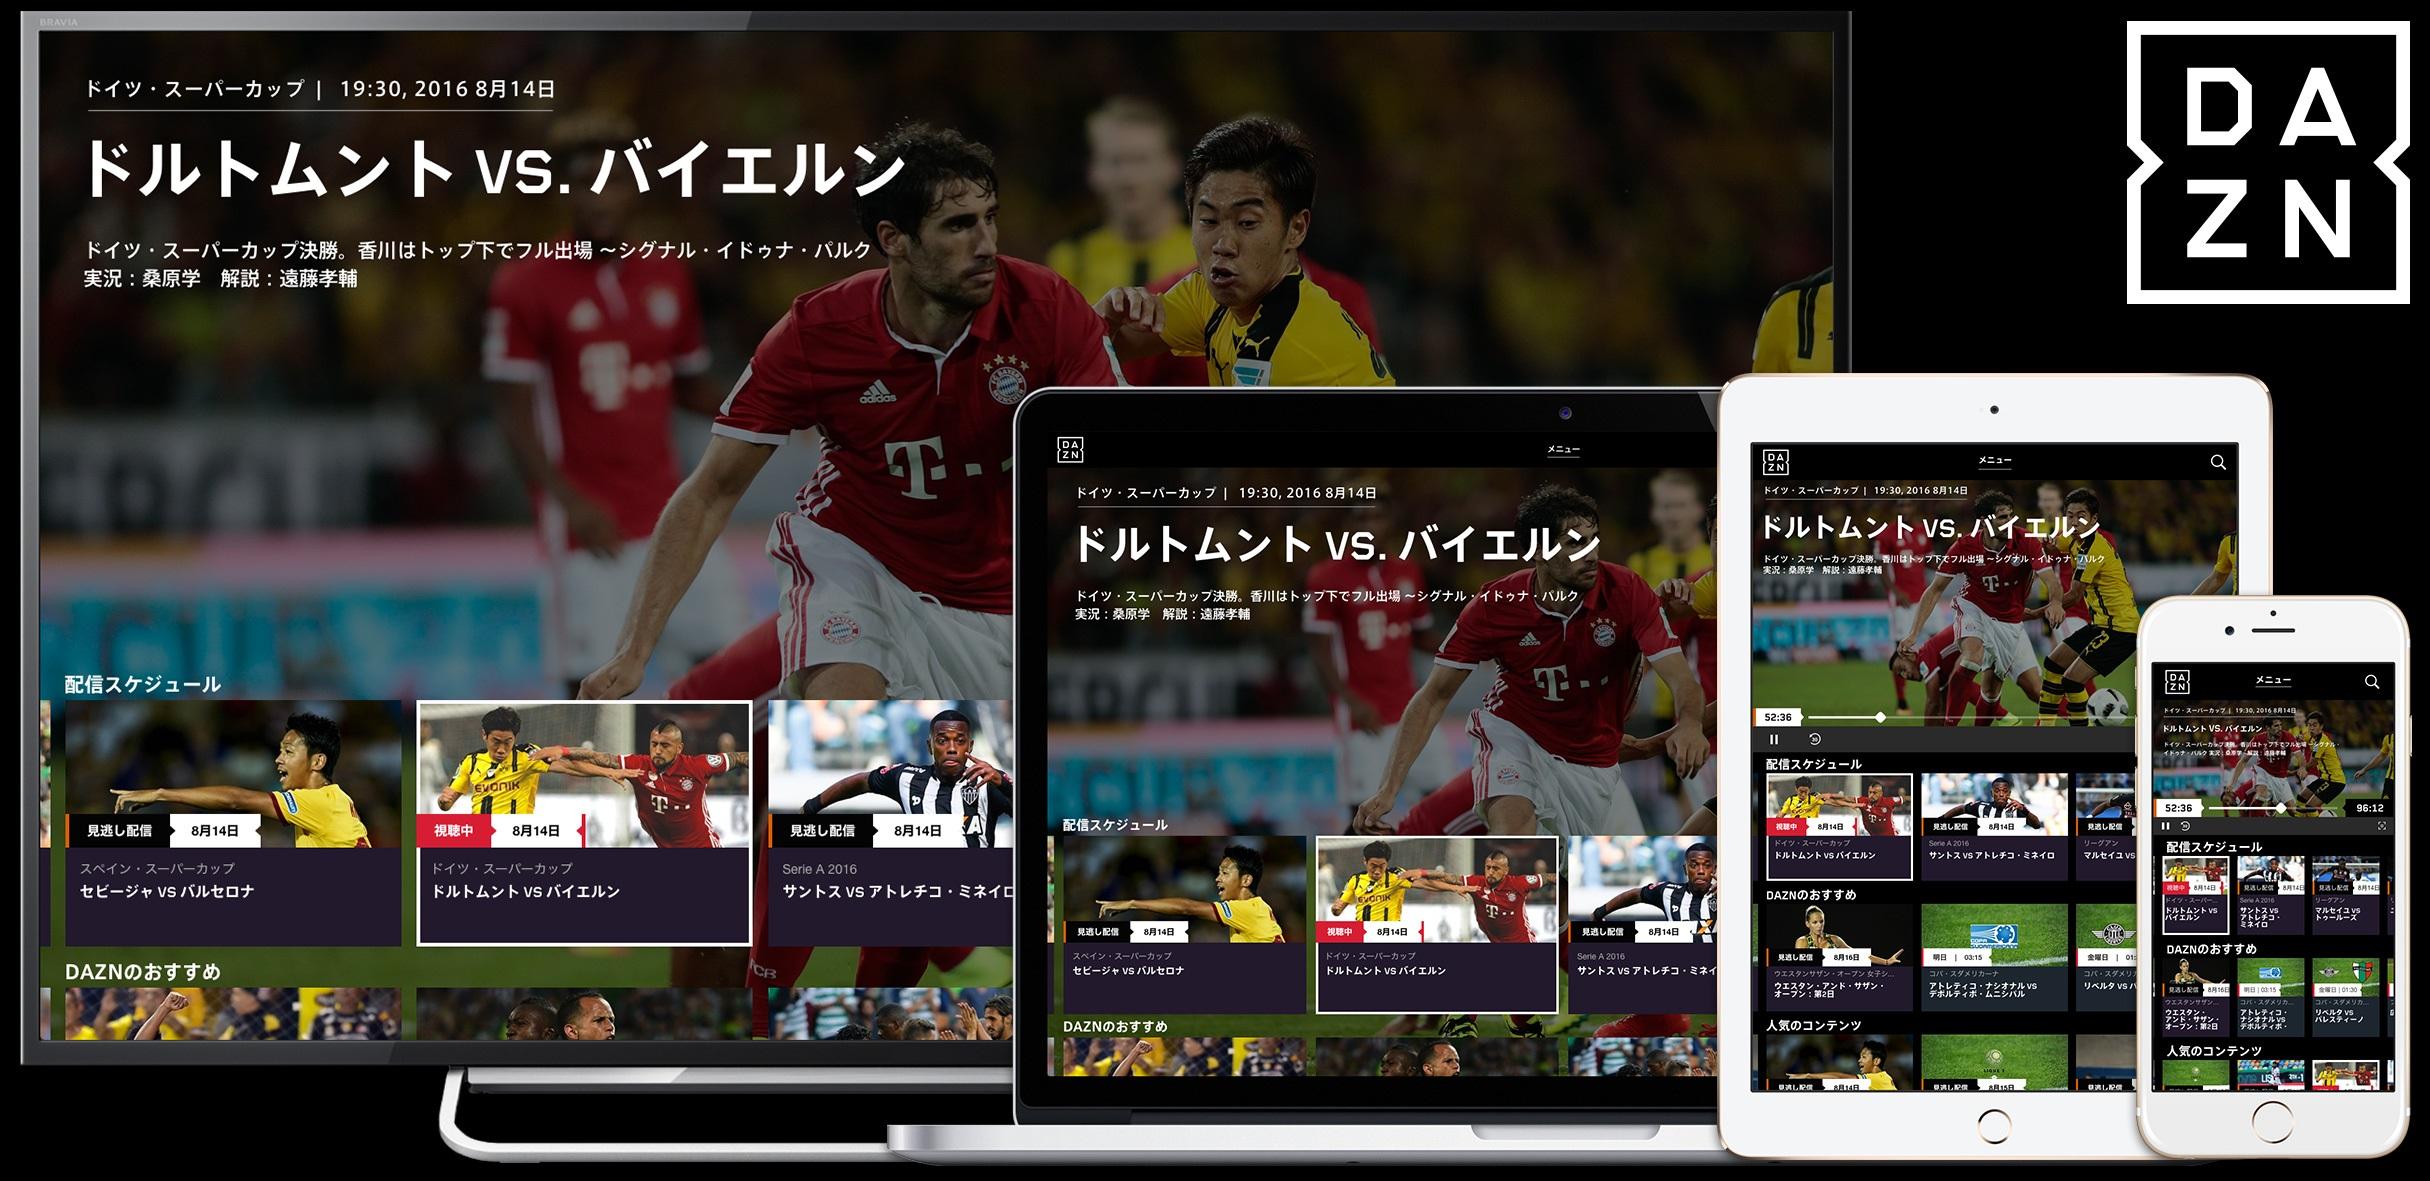 DAZN(ダゾーン)はTV(テレビ)、PC(パソコン)、PS4、アプリから視聴できる